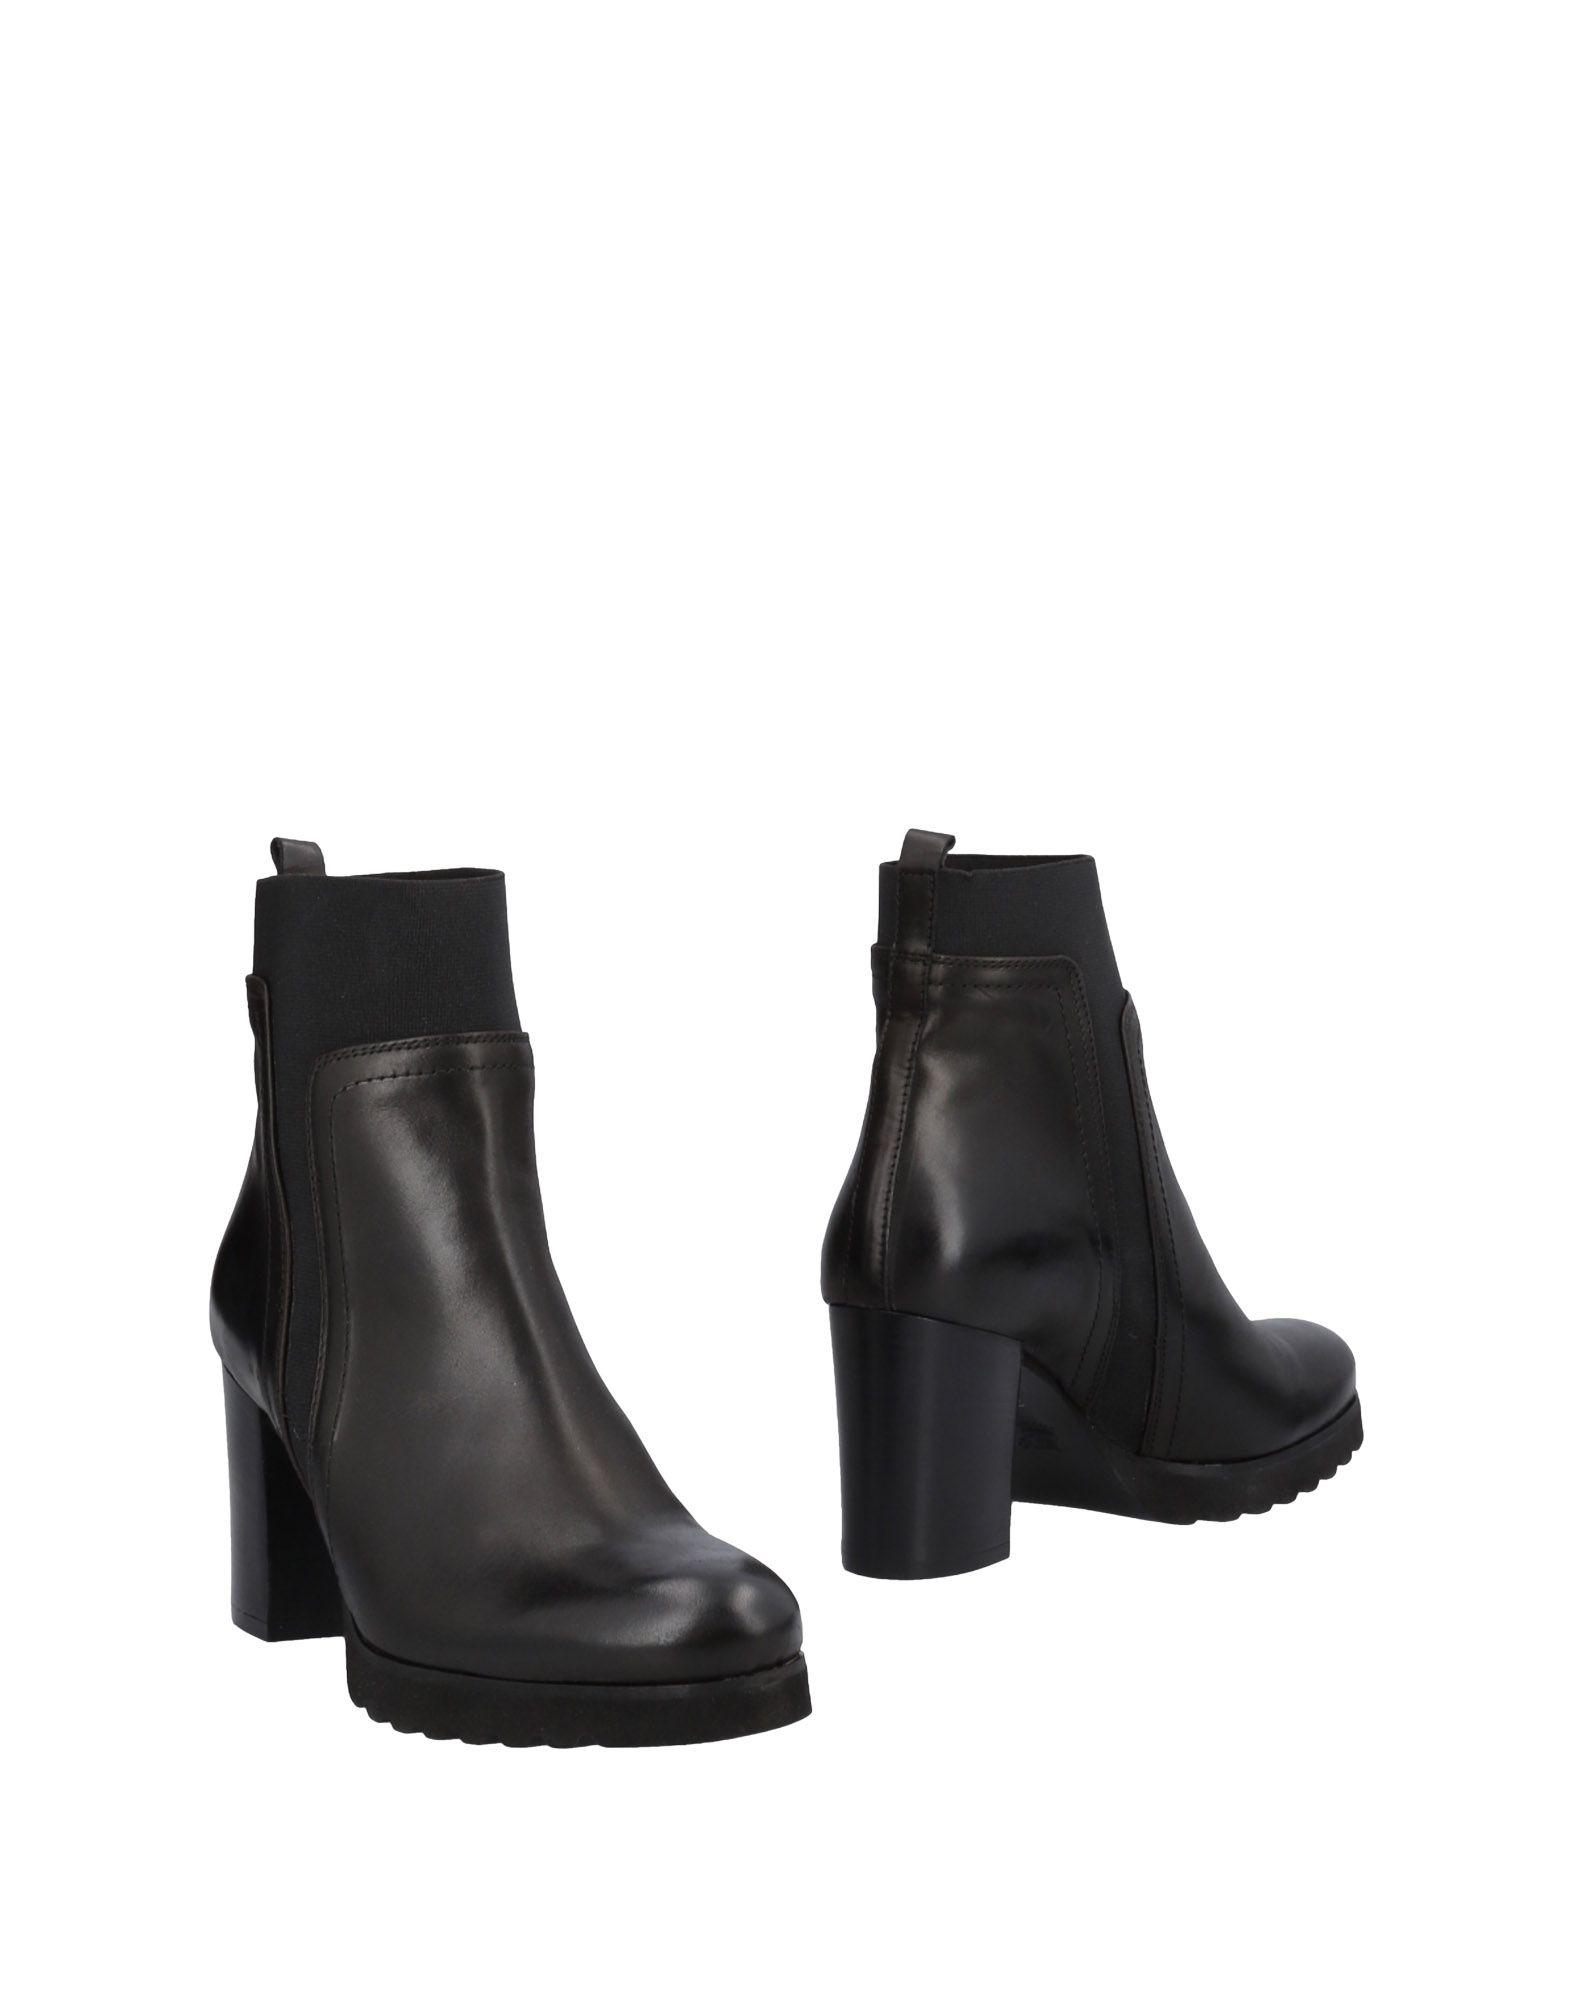 Cuoieria Stiefelette Damen  11483522PQ Gute Qualität beliebte Schuhe